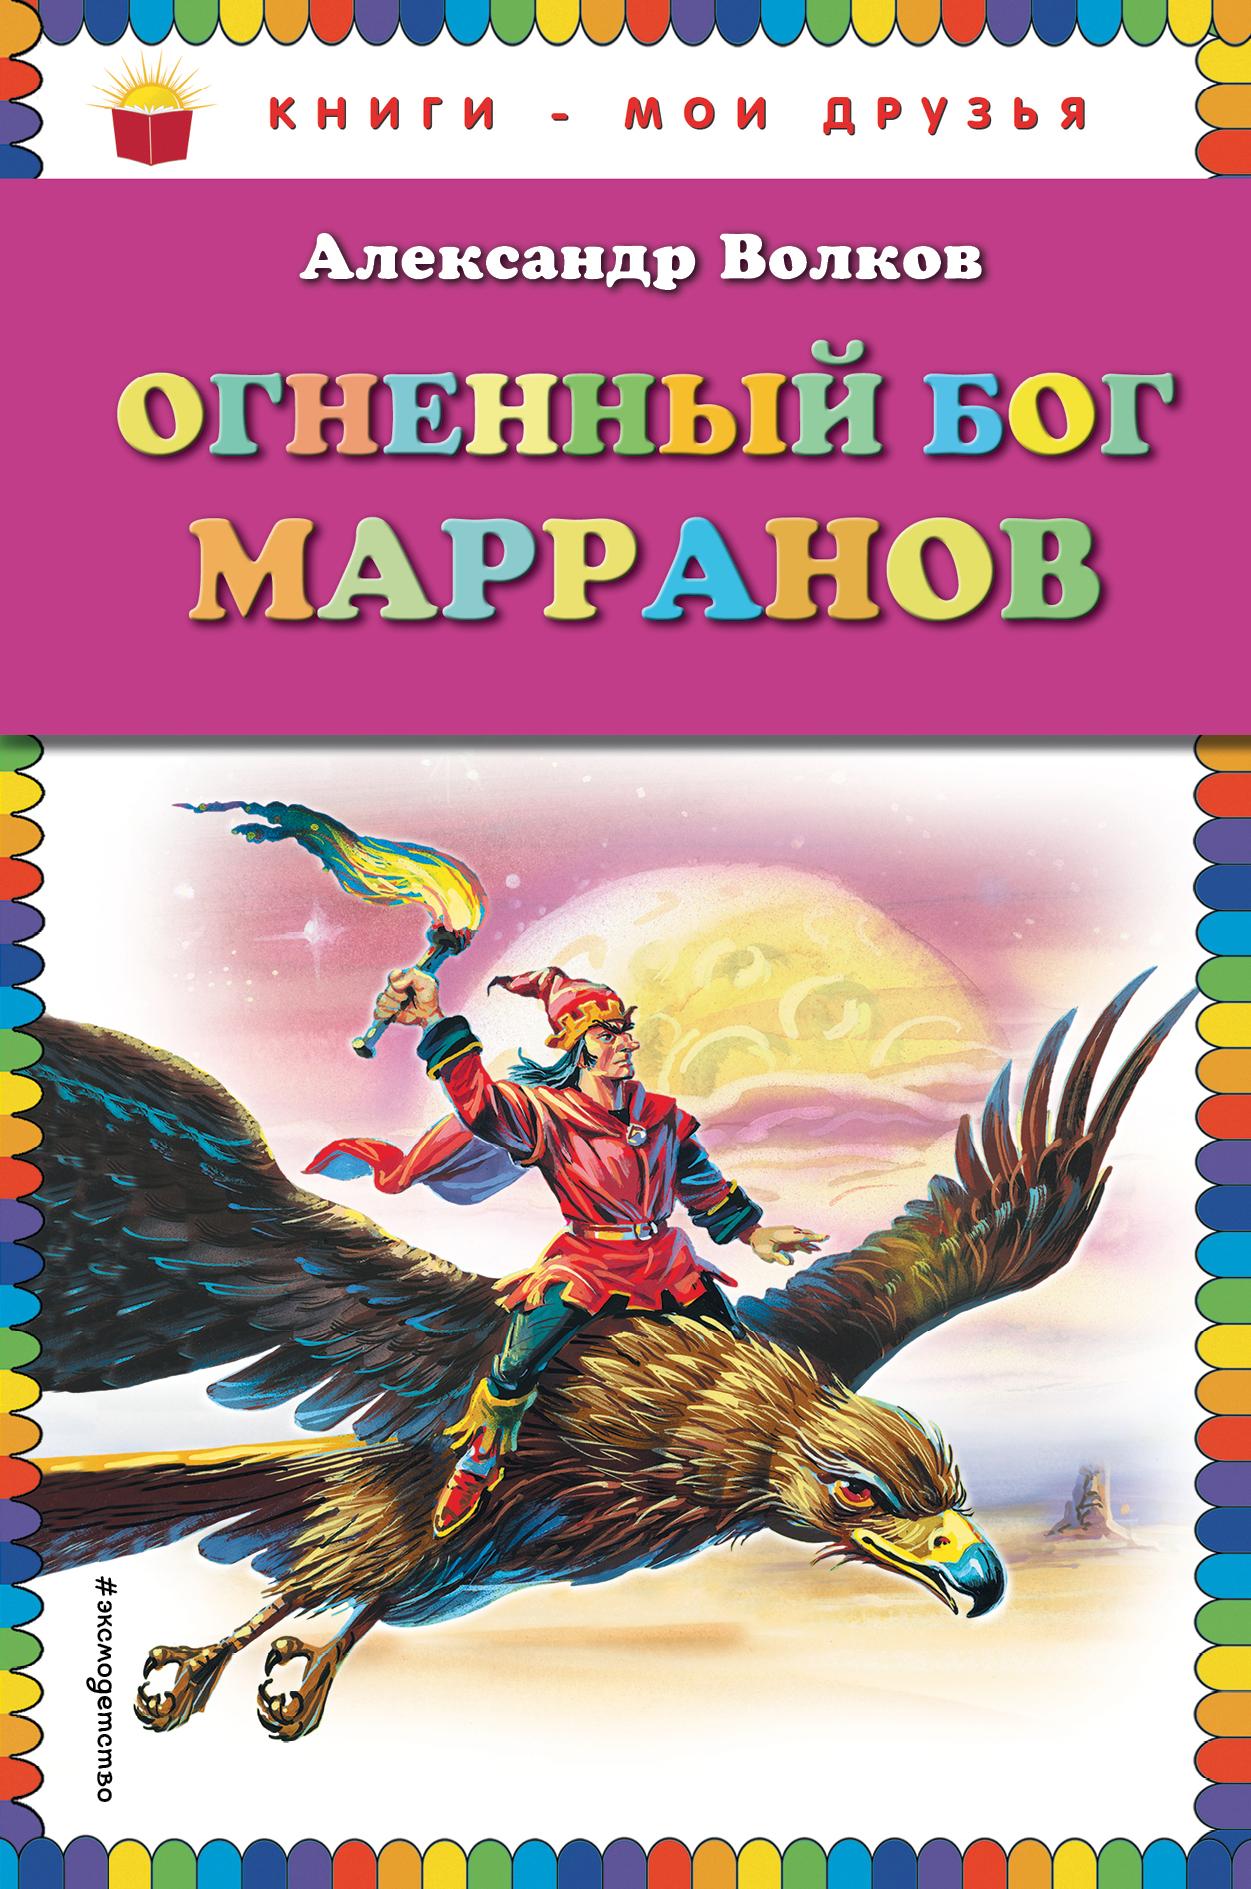 Волков Александр Мелентьевич Огненный бог Марранов (нов.оф.)